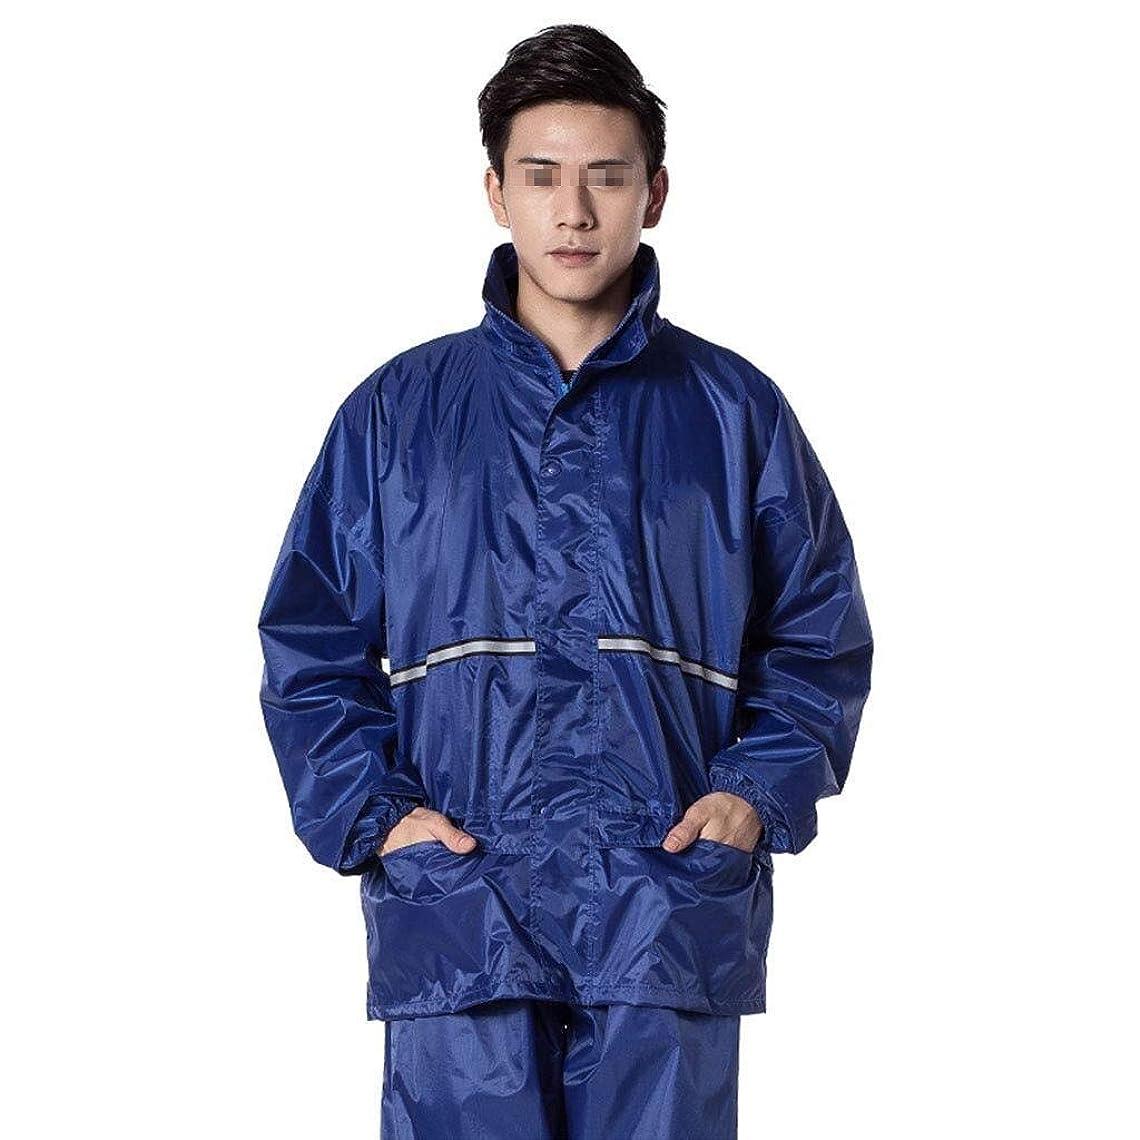 センブランスインゲンサイクルTD レインコート大人の防水ジャケットセット - ダブル厚手のレインコート快適な通気性の安全性反射ストリップ ポンチョ ハイキング (Size : XXXXL)